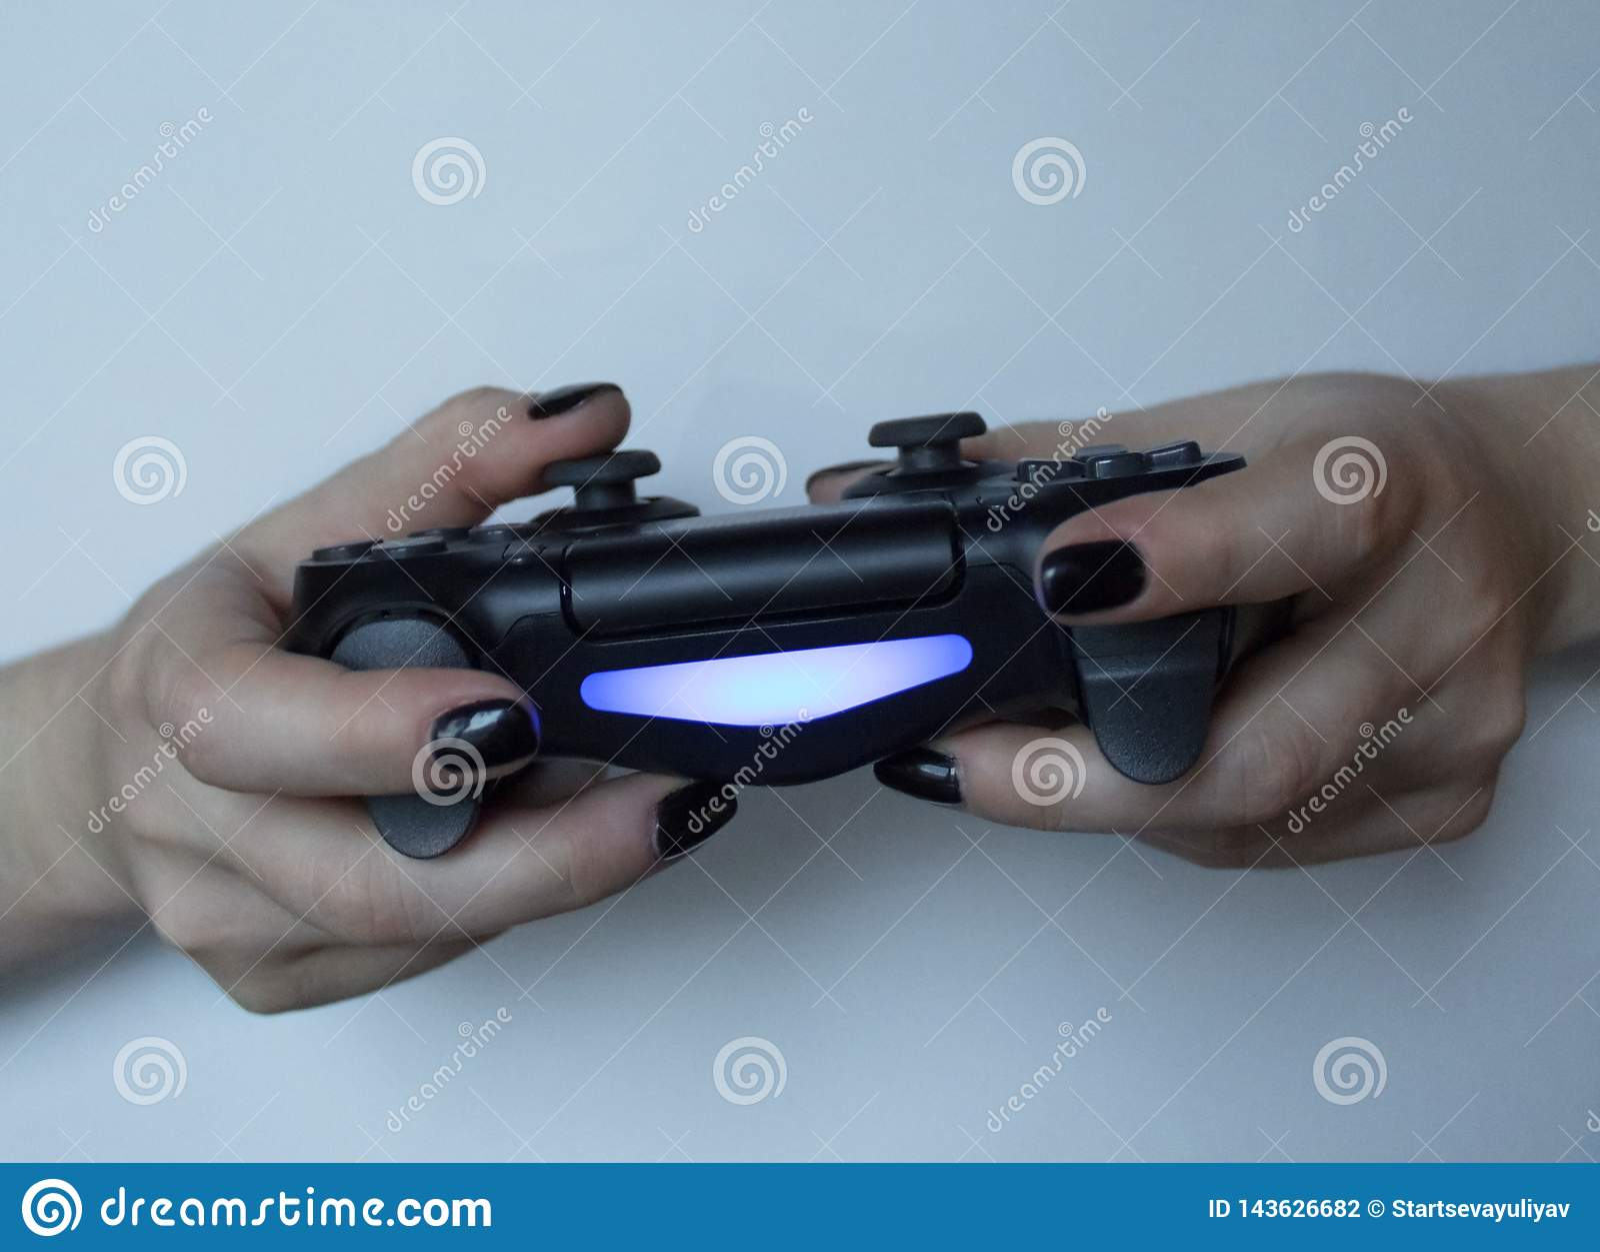 Gamermädchen, das Gamepad hält Weibliche Hände mit Steuerknüppel-Konsole Videospiel